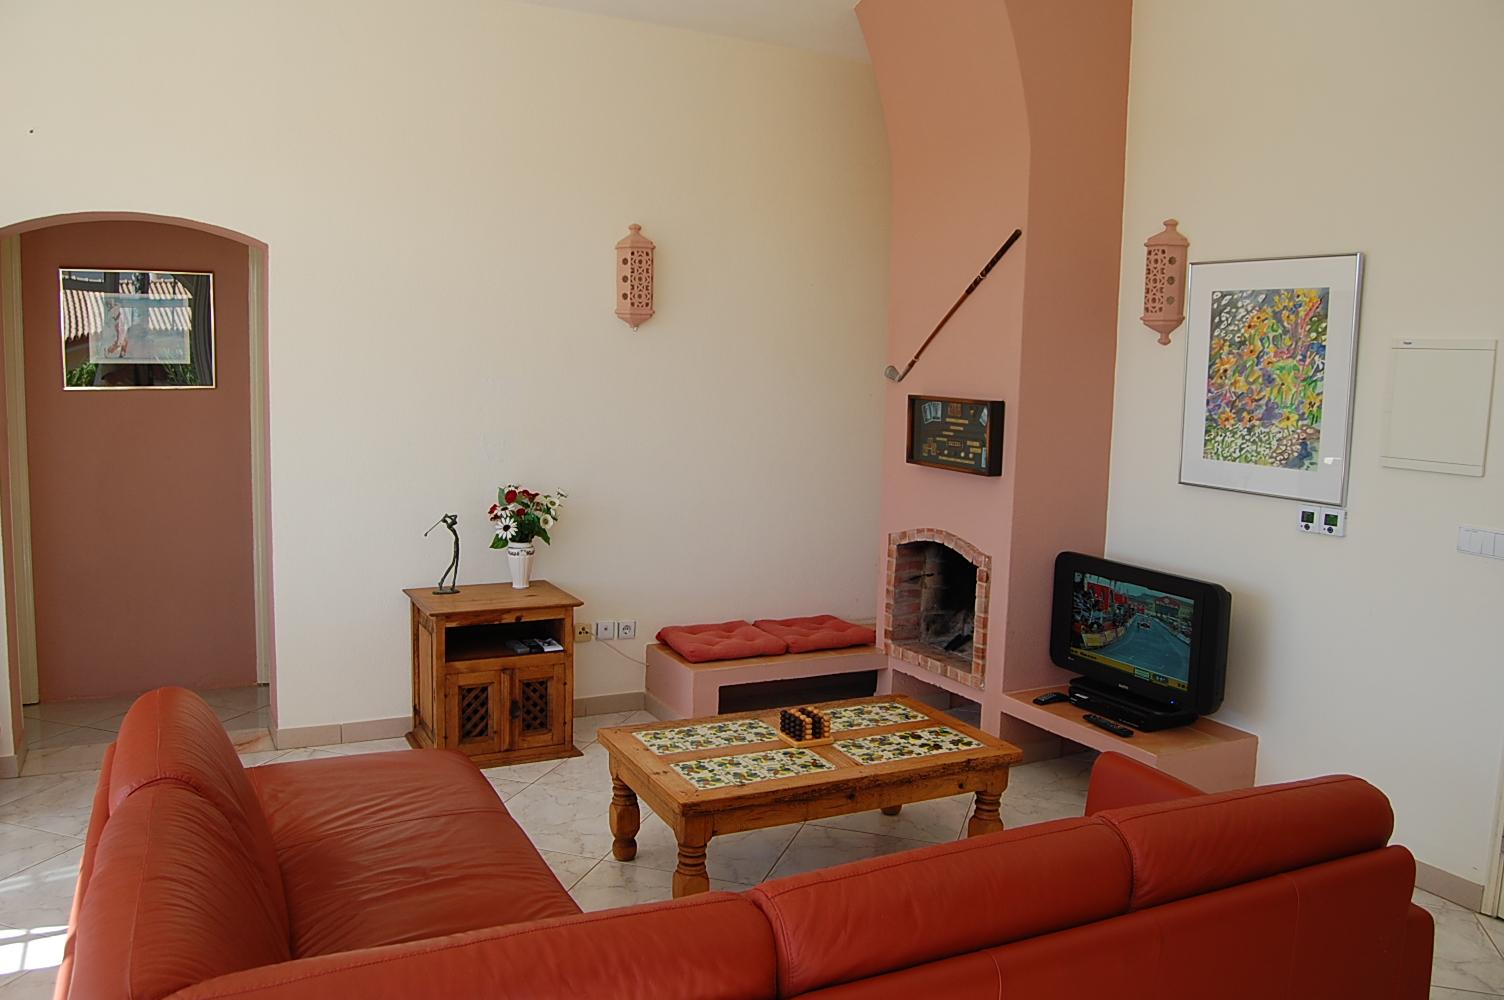 Ferienhaus Bungalow, im schönen Garten ein Pool auch für die 2 Wohnungen, sehr ruhiger Ort (2377732), Luz, , Algarve, Portugal, Bild 8